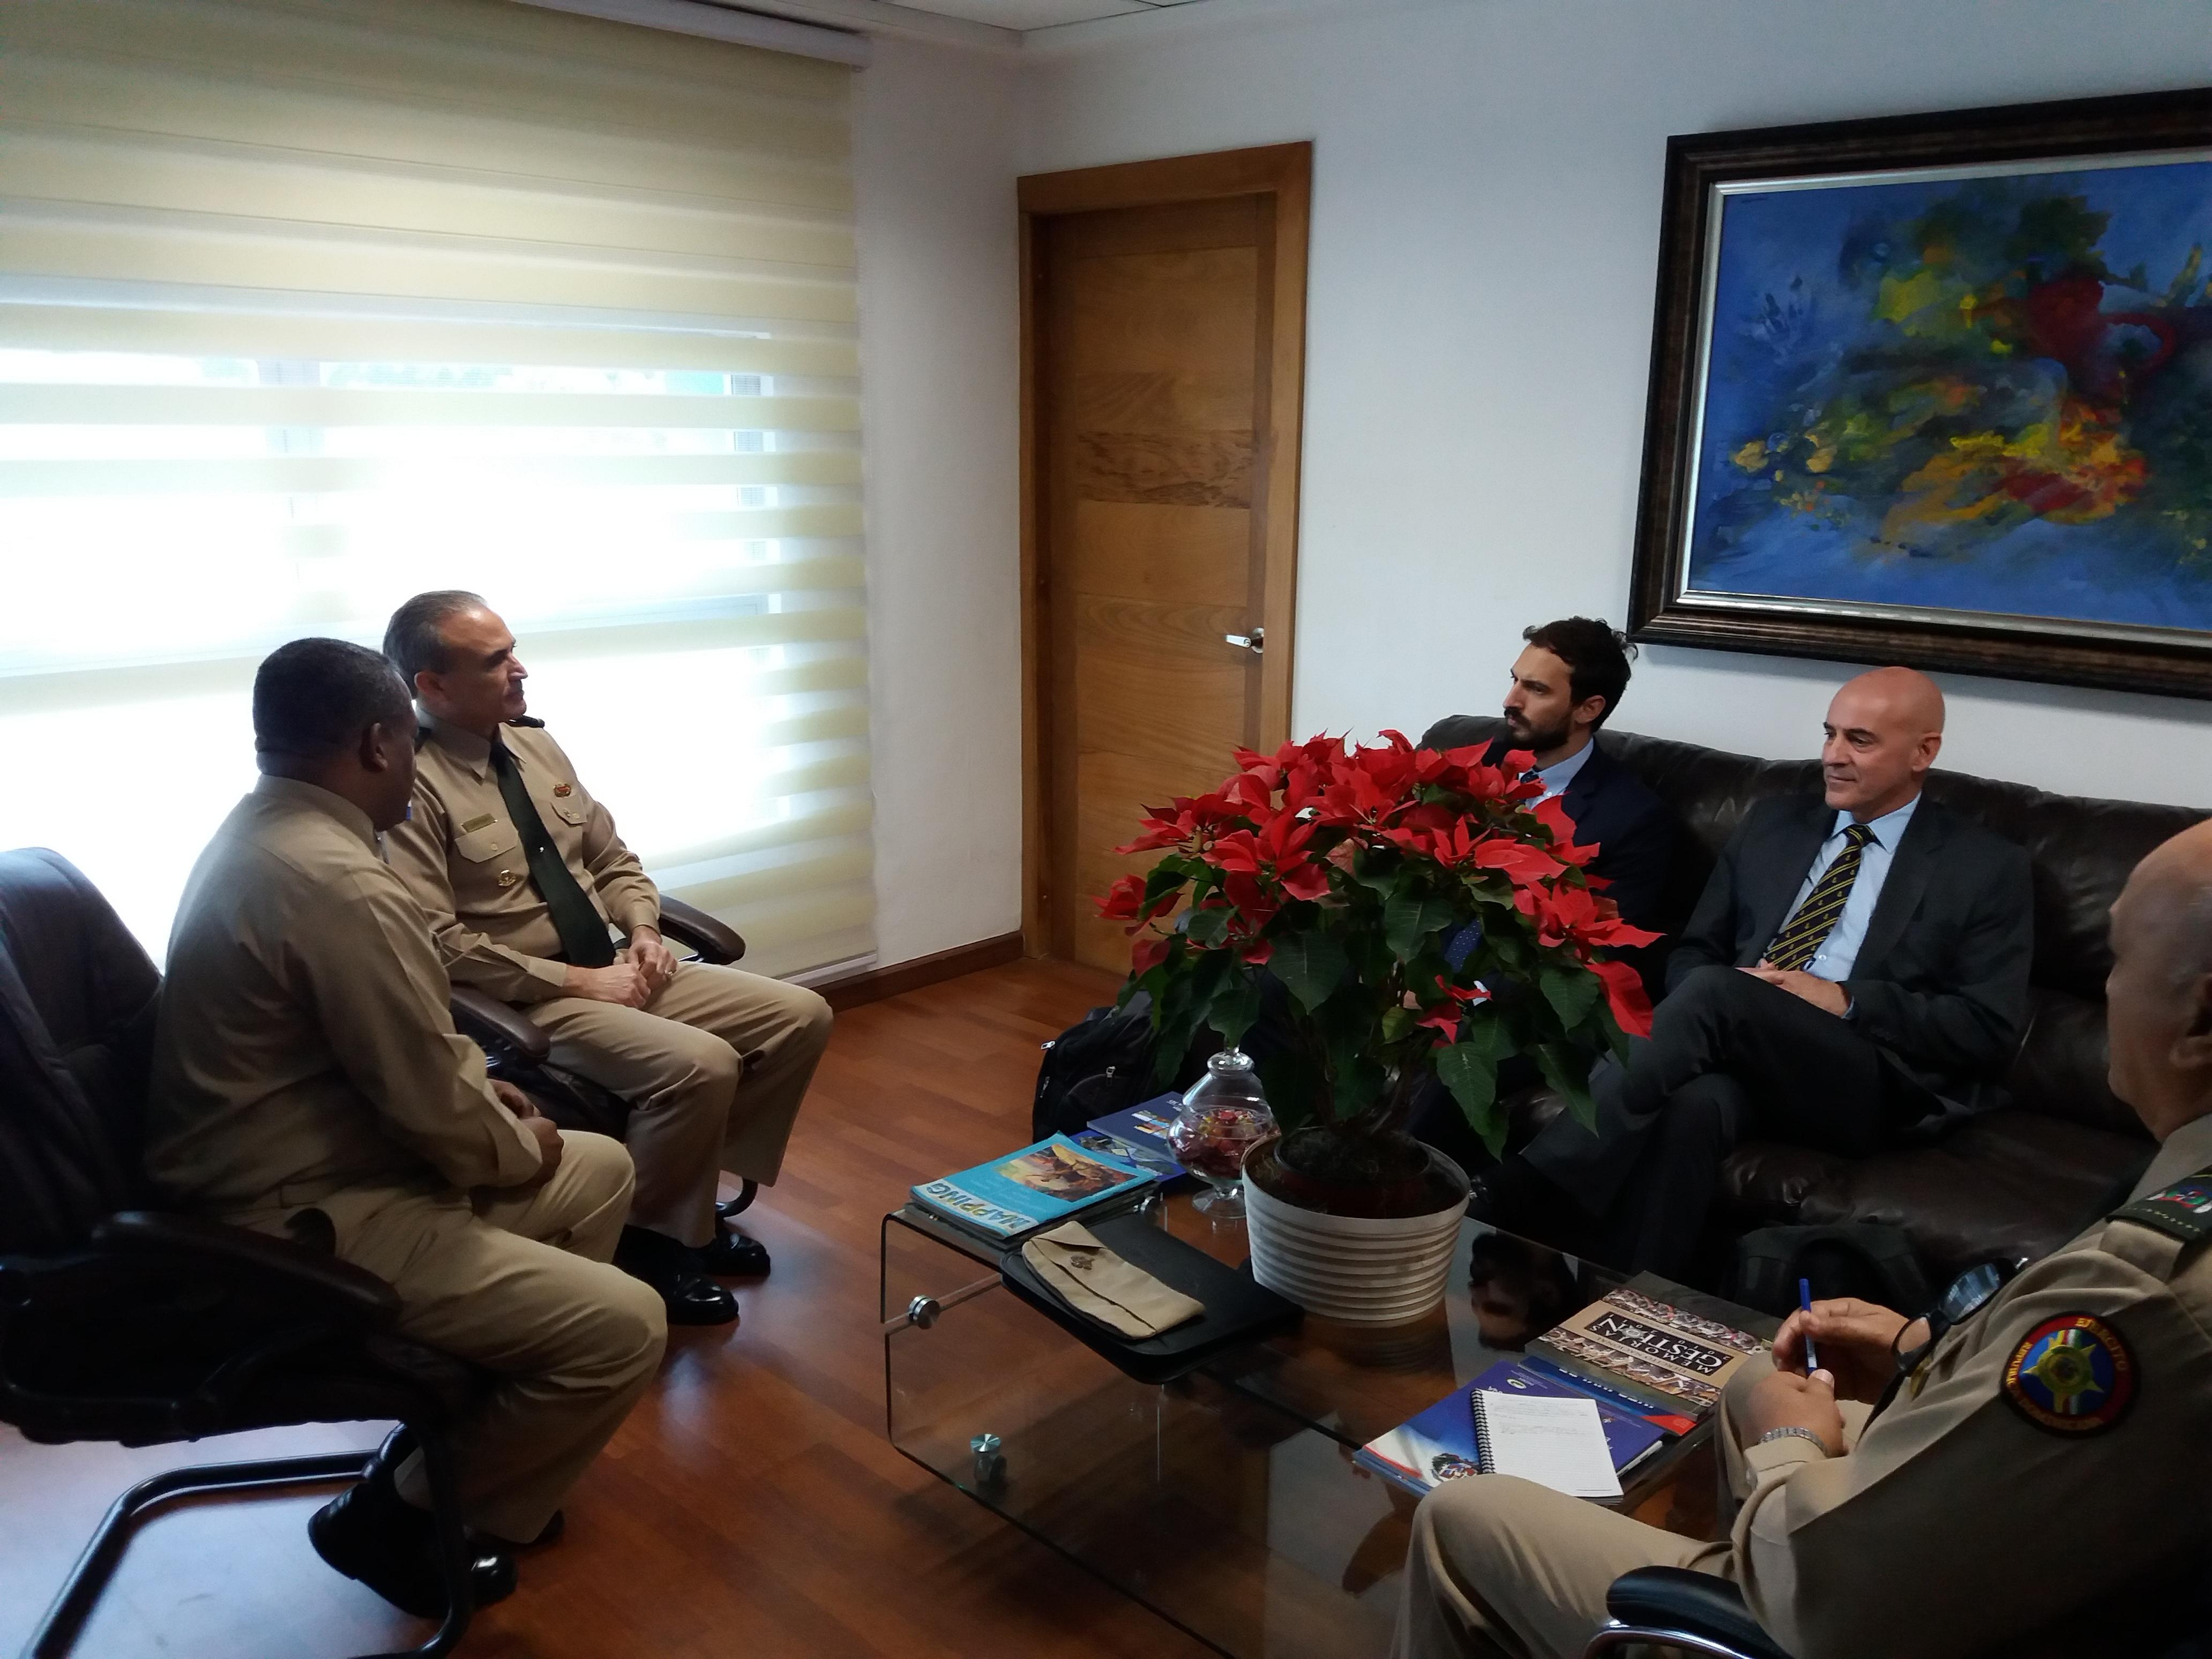 El ICM recibe la visita de representantes de la Organizción Hidrográfica Internacional (OHI)